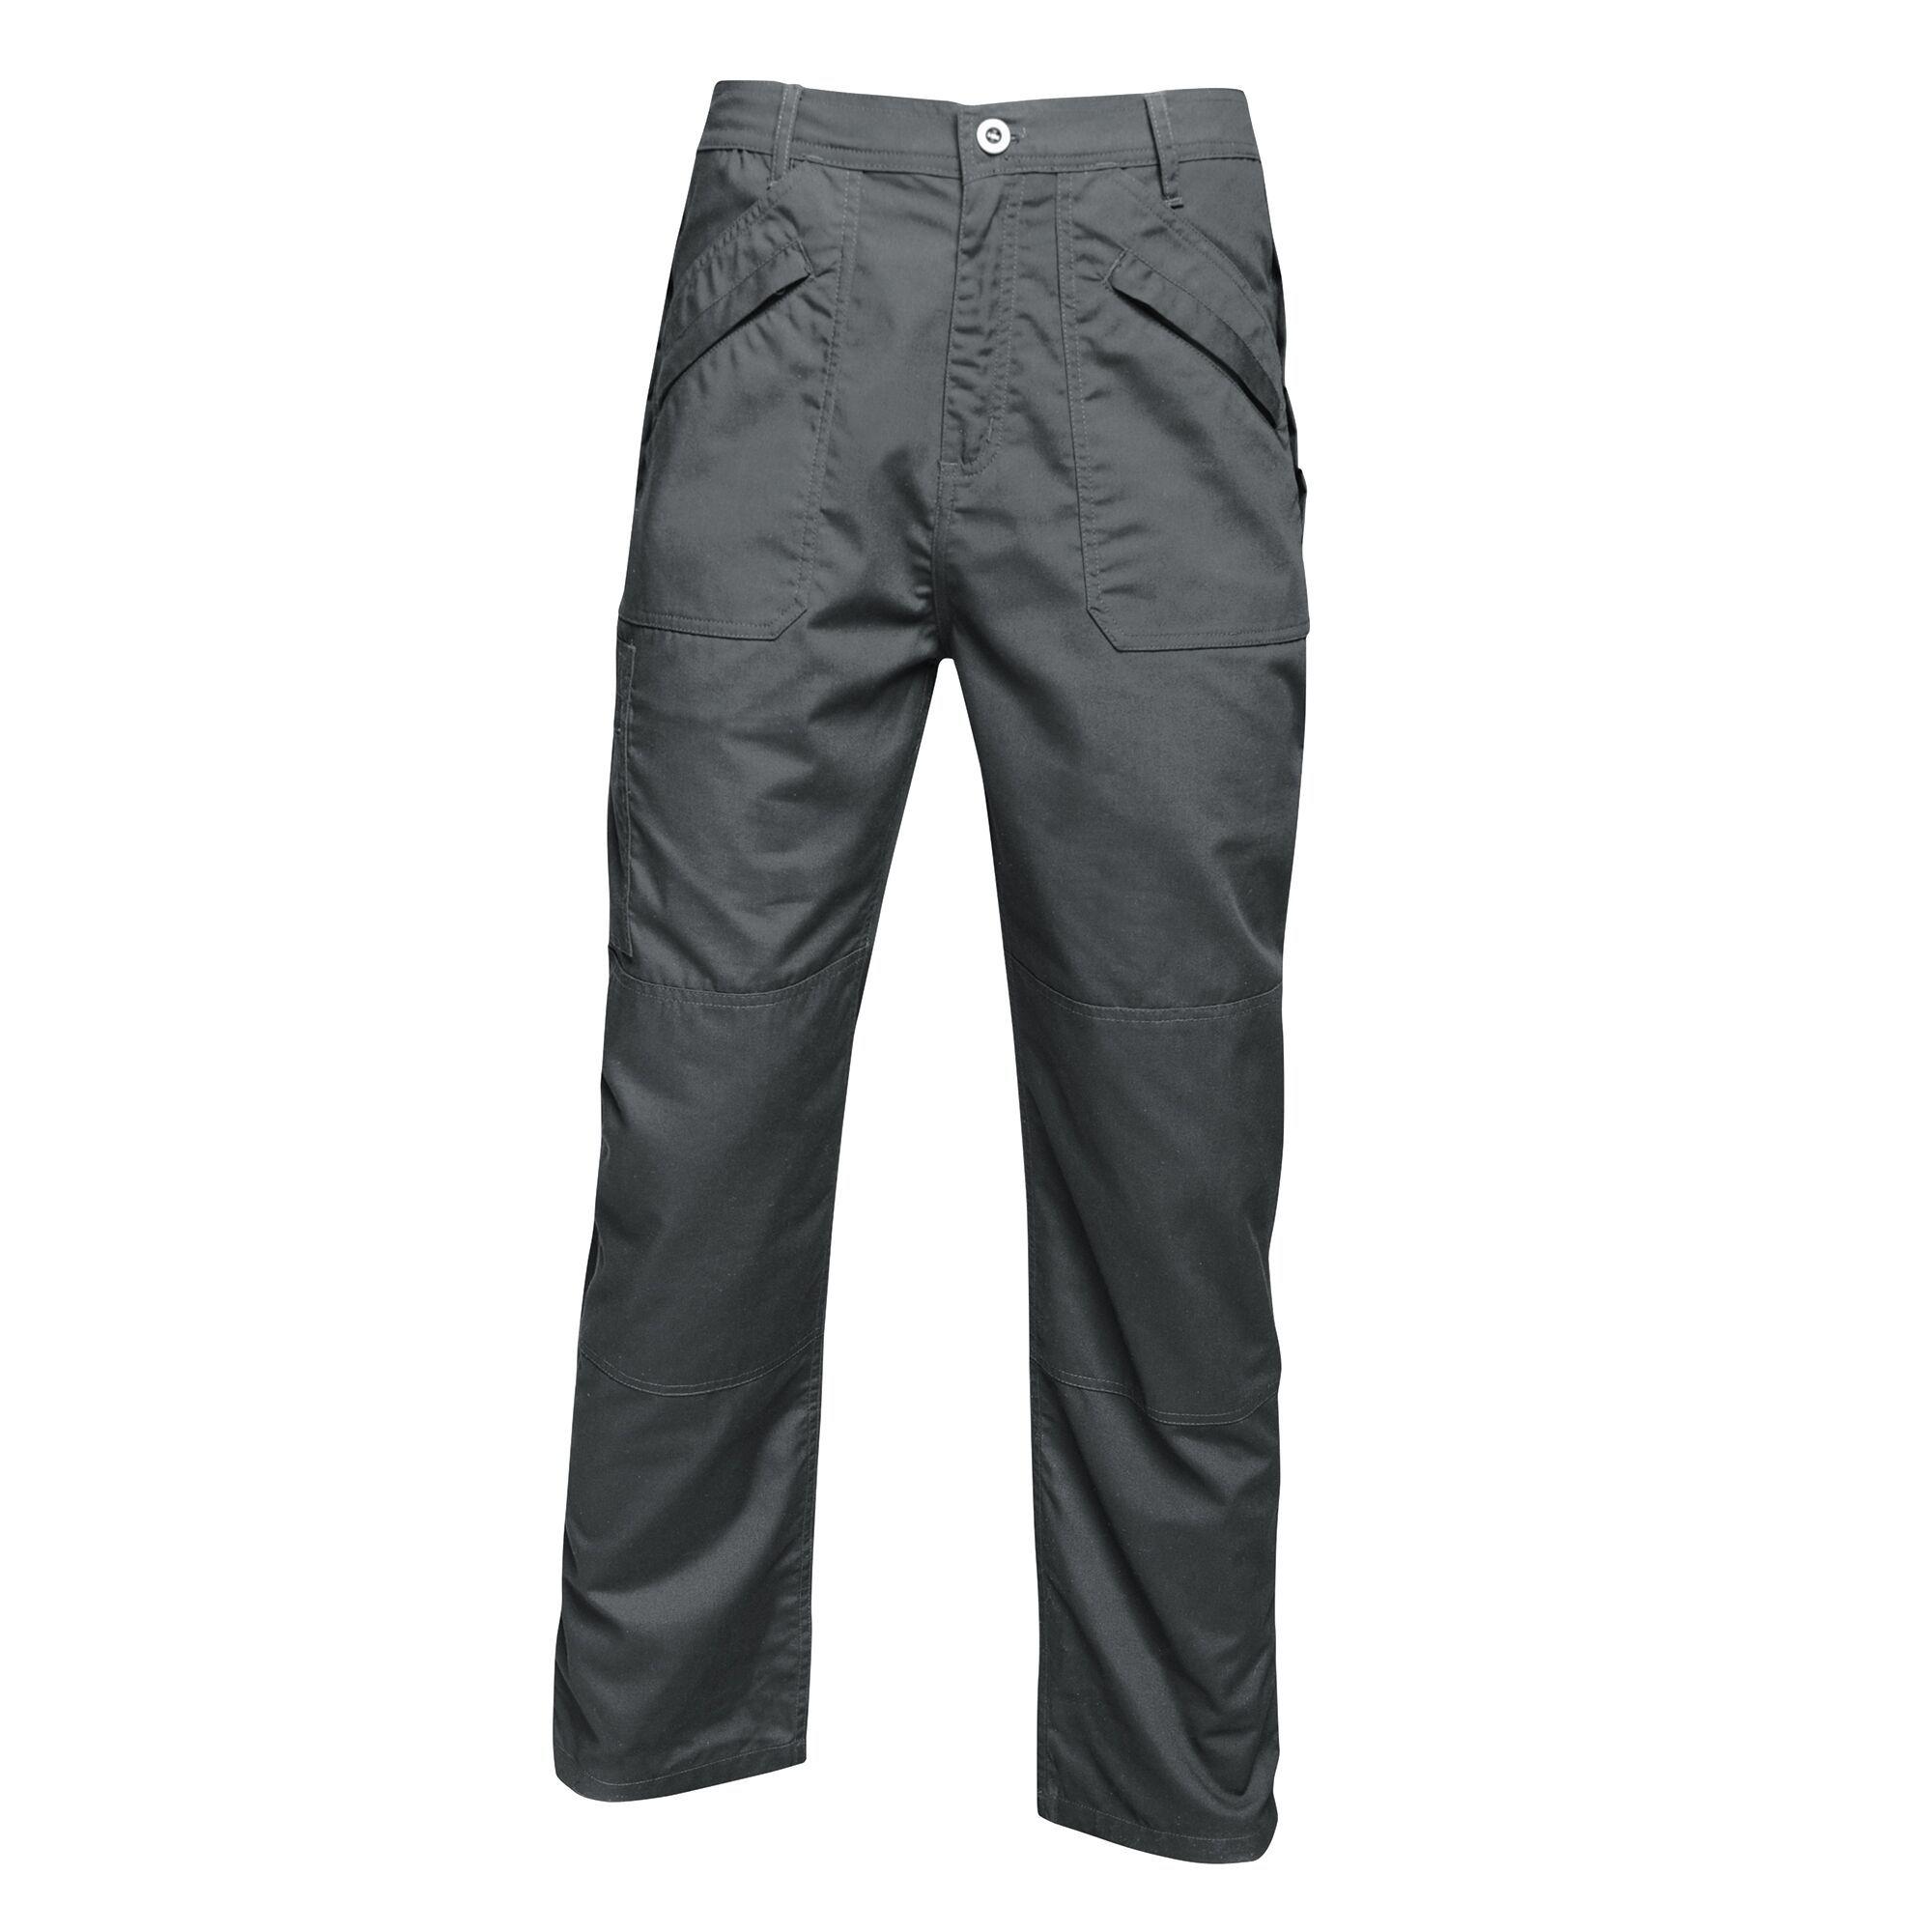 Regatta Mens Original Action Waterproof Trousers - Regular